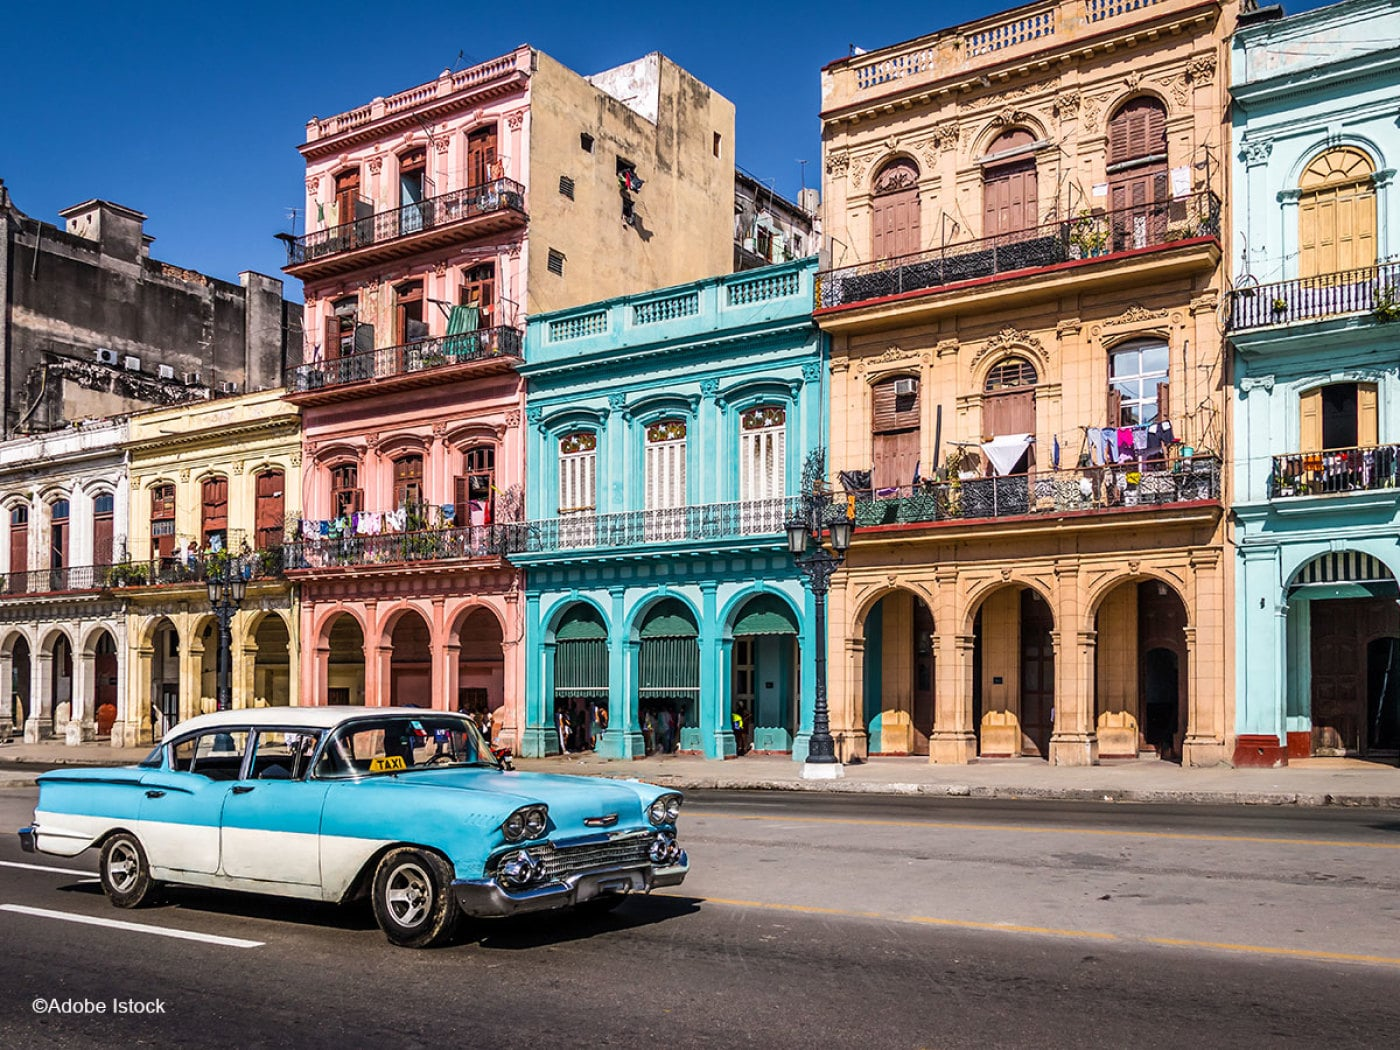 séjour sur mesure : voyage circuit tout Compris à Cuba